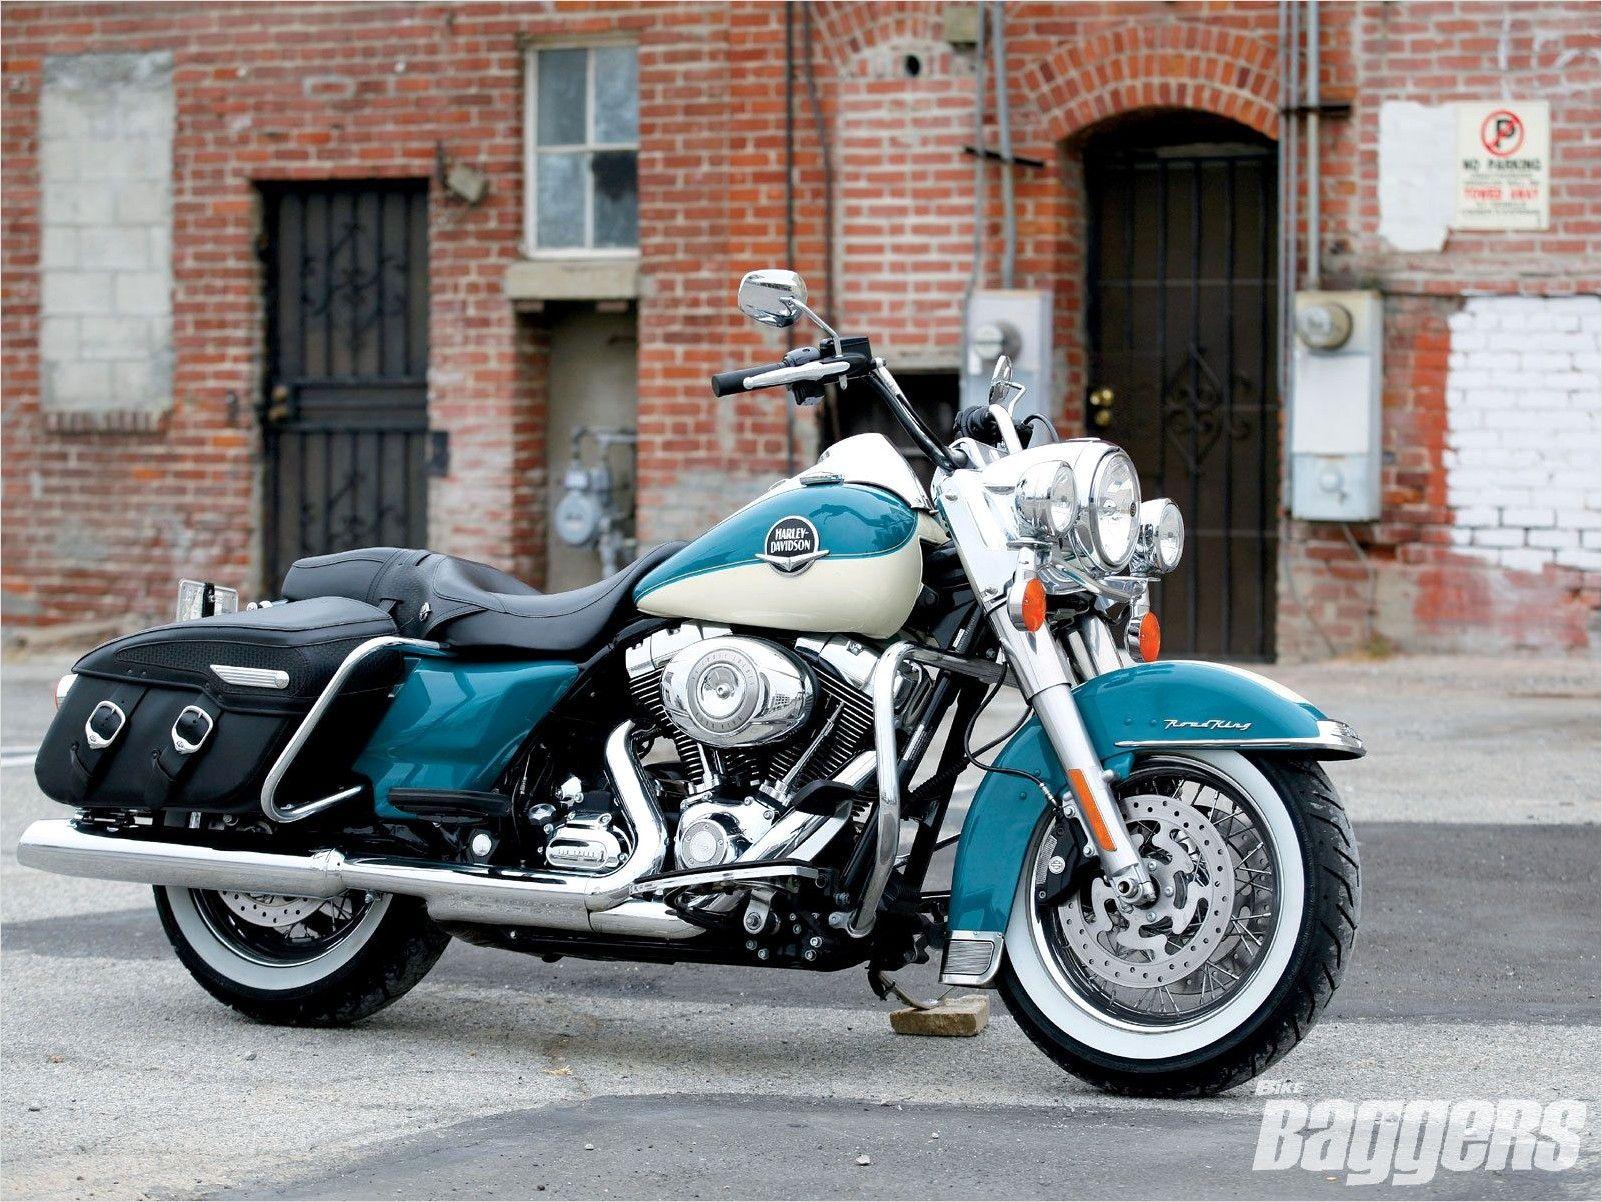 4k Harley Davidson Road King Wallpaper In 2020 Road King Harley Davidson Baggers Harley Davidson